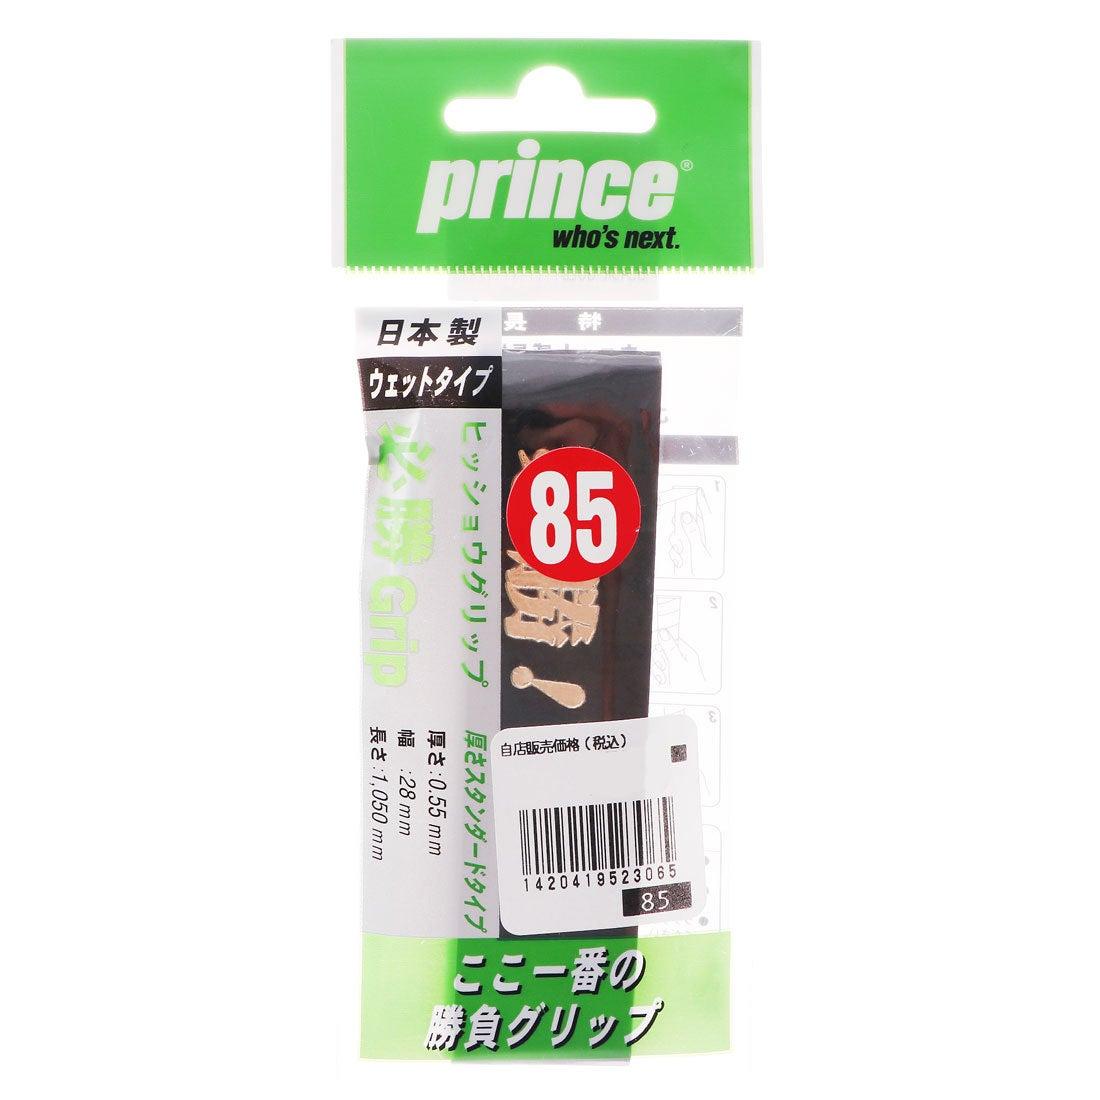 プリンス Prince テニス グリップテープ 必勝グリップ OGO61-238